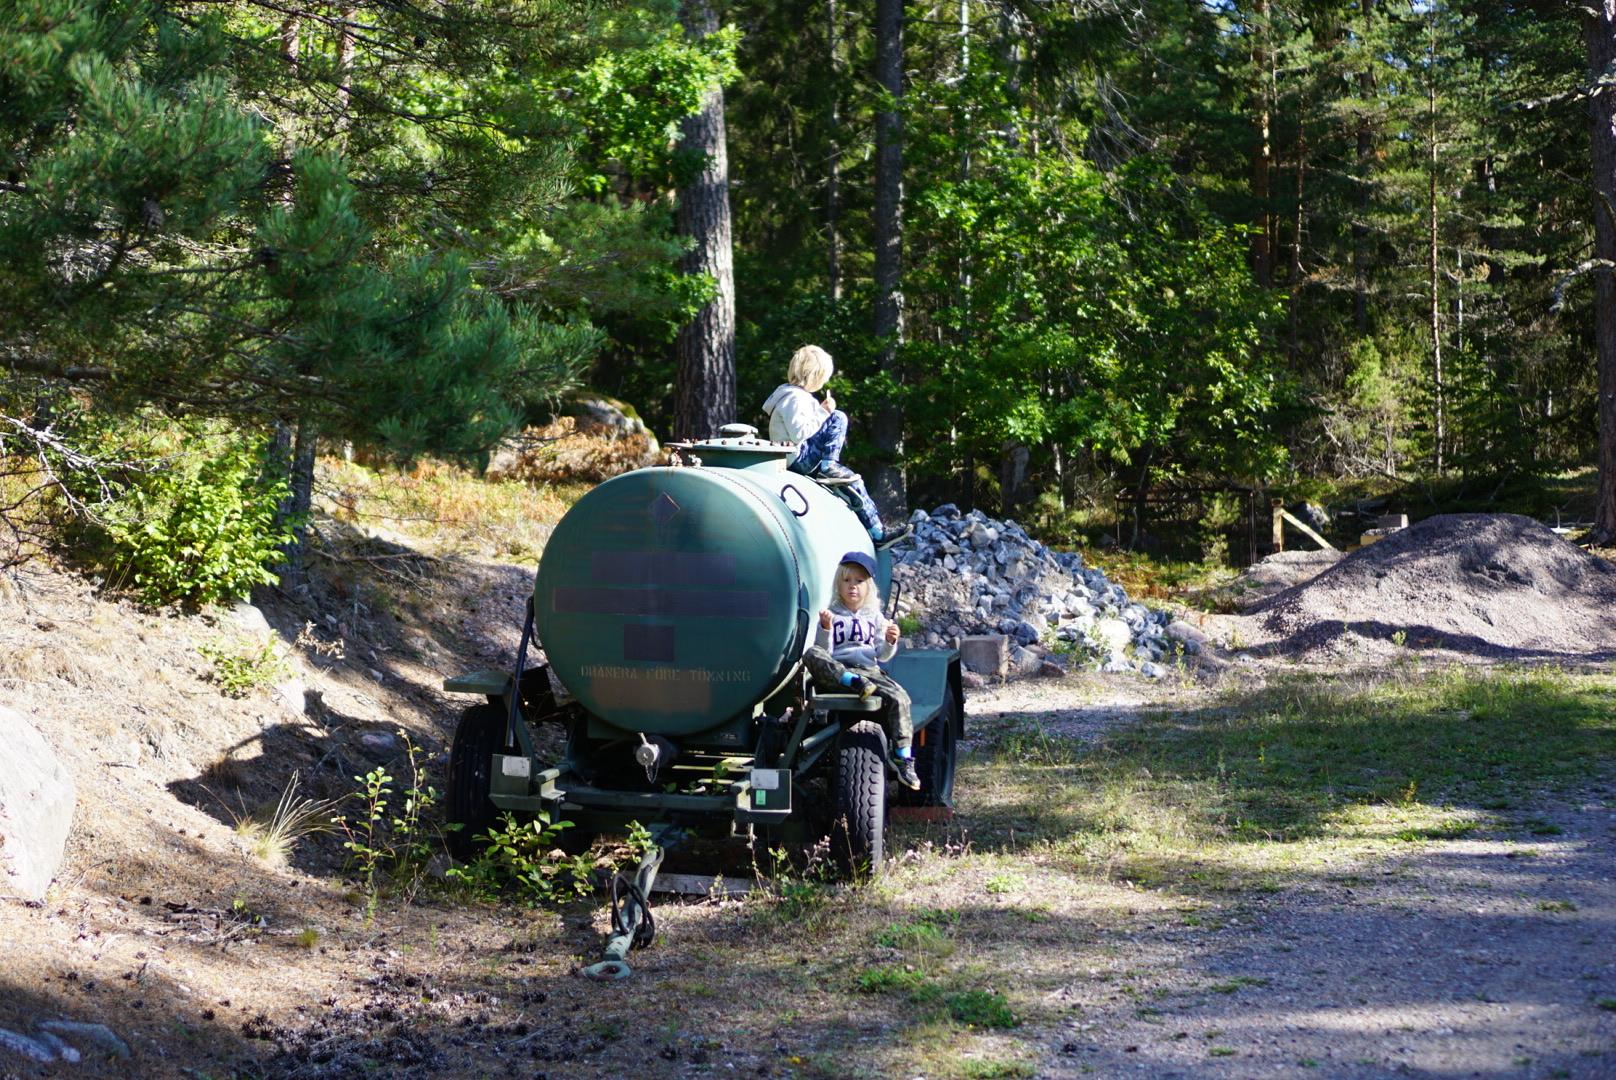 Barnen klättrar på gammal vattentank vid parkeringen till Stendörrens naturreservat.